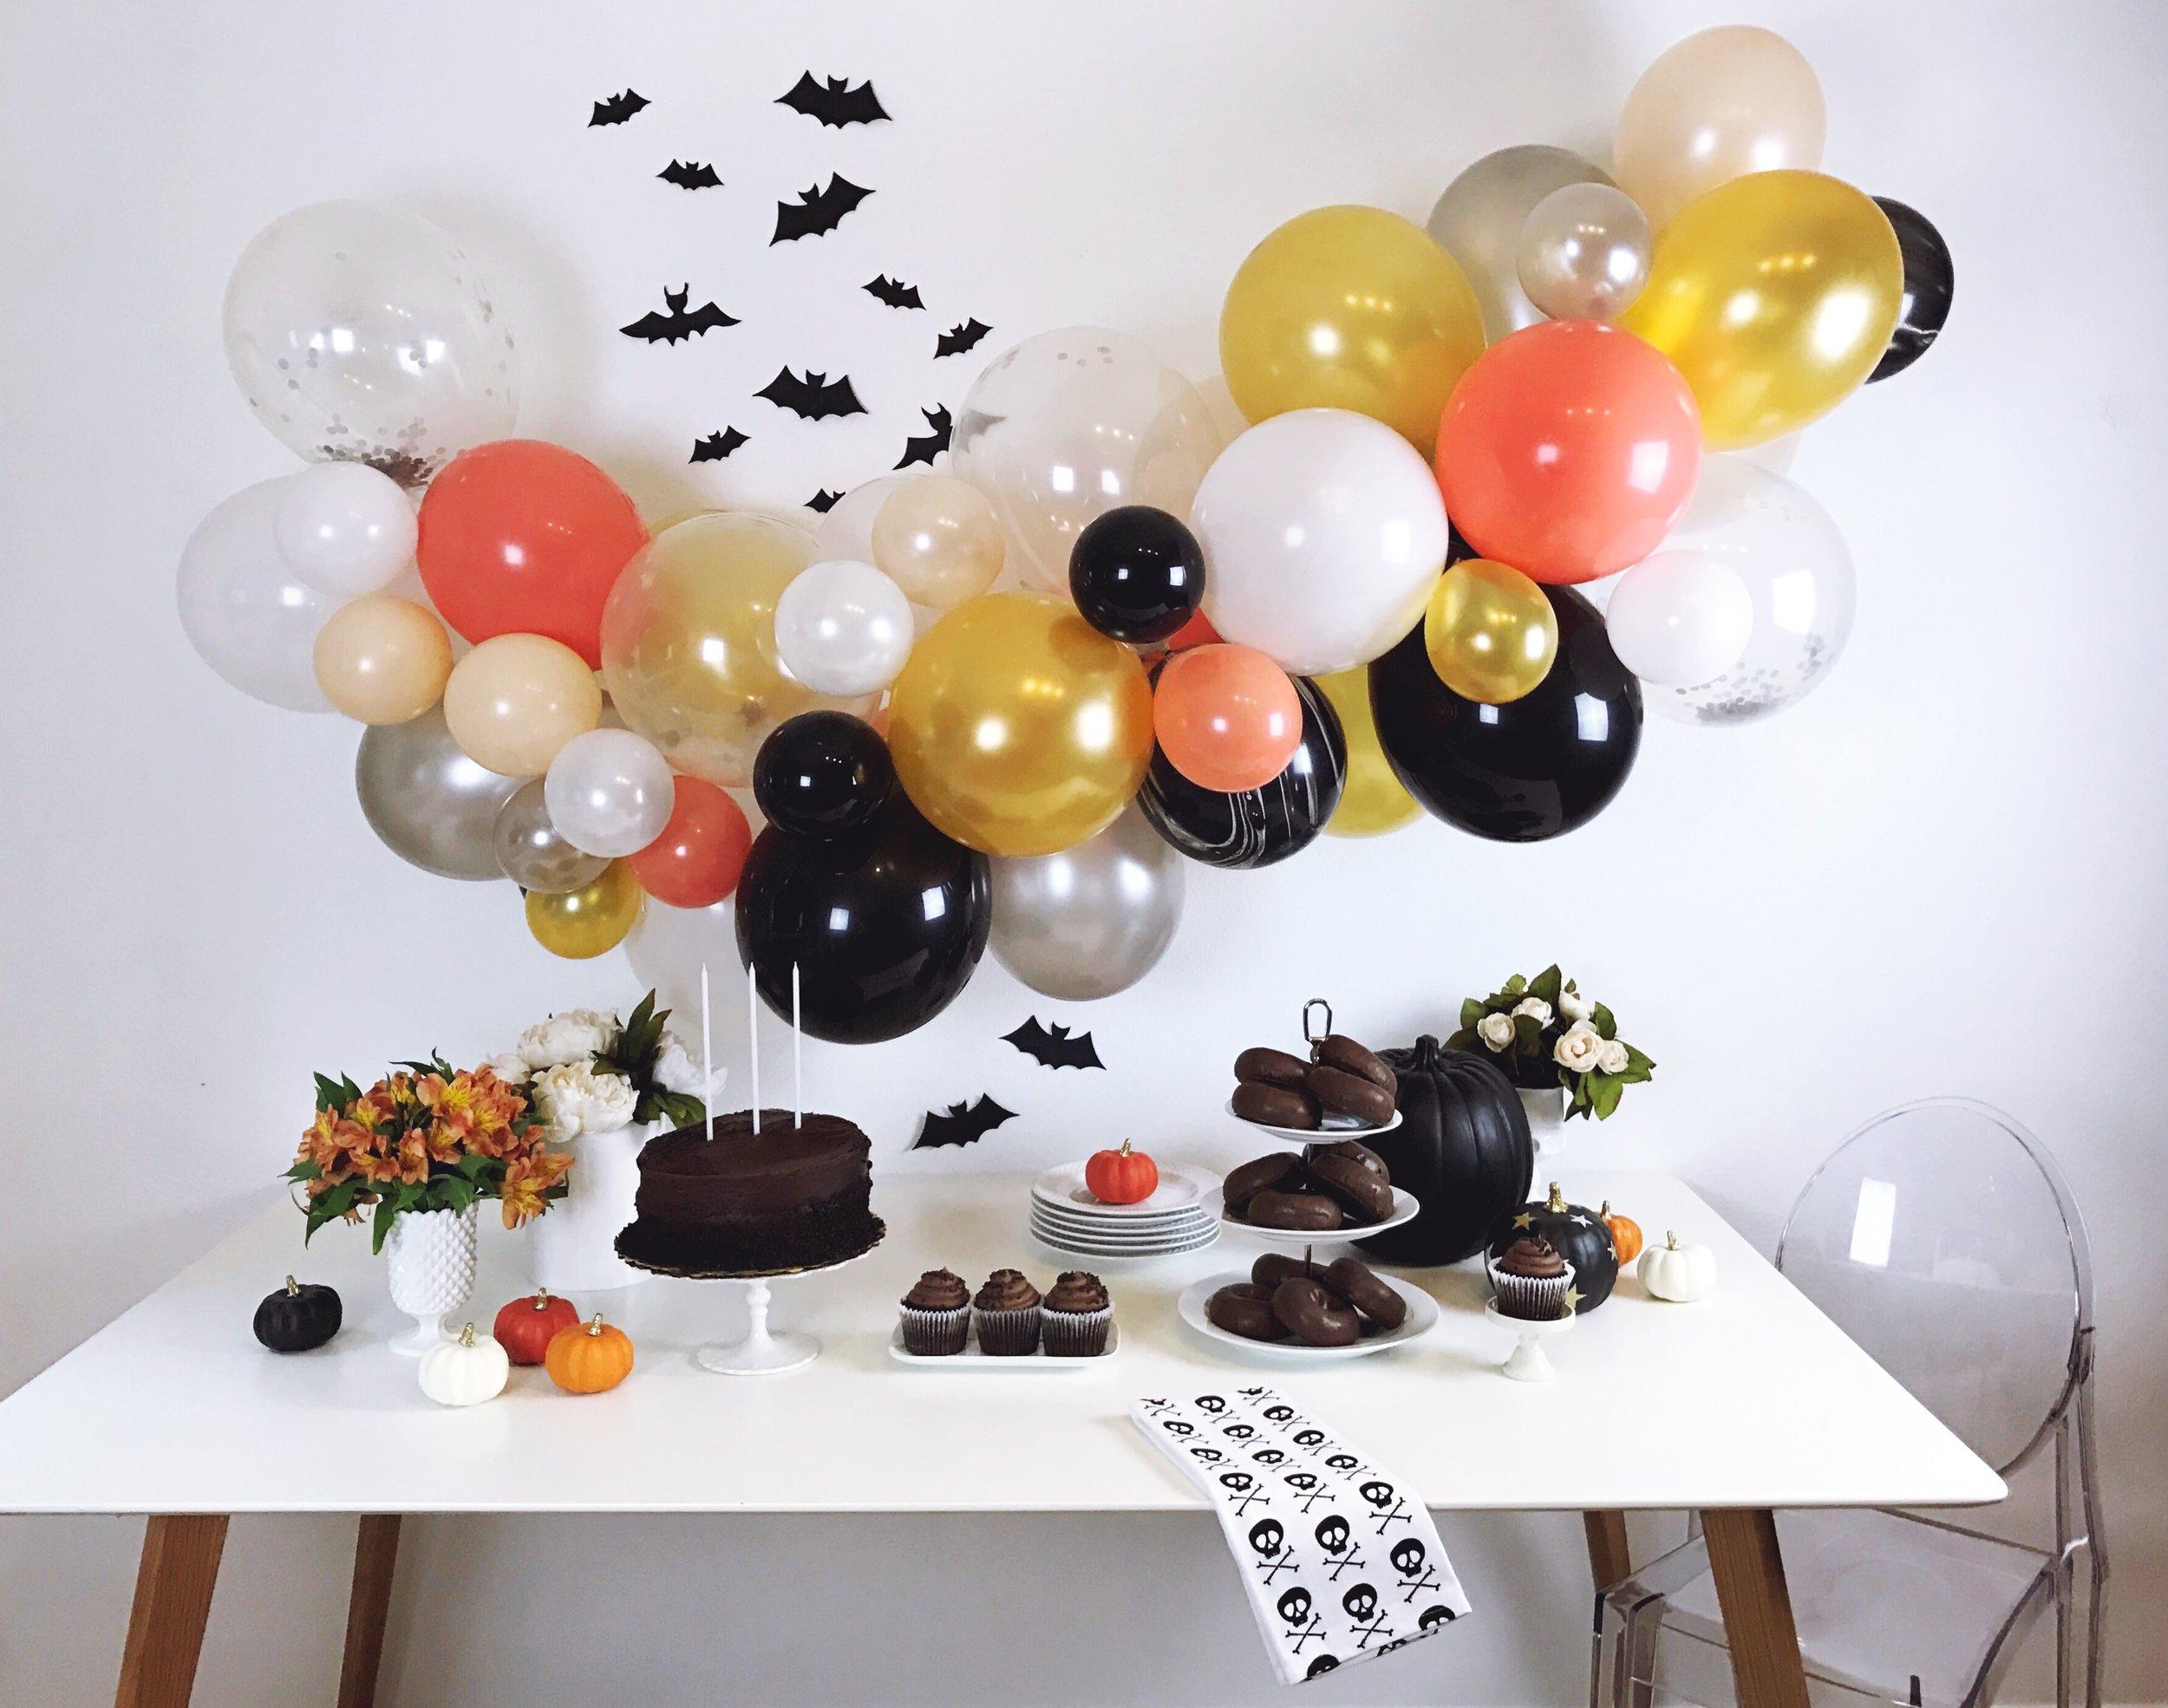 Original_Marabou-Design-Balloon-Garland-Beauty-2.JPG